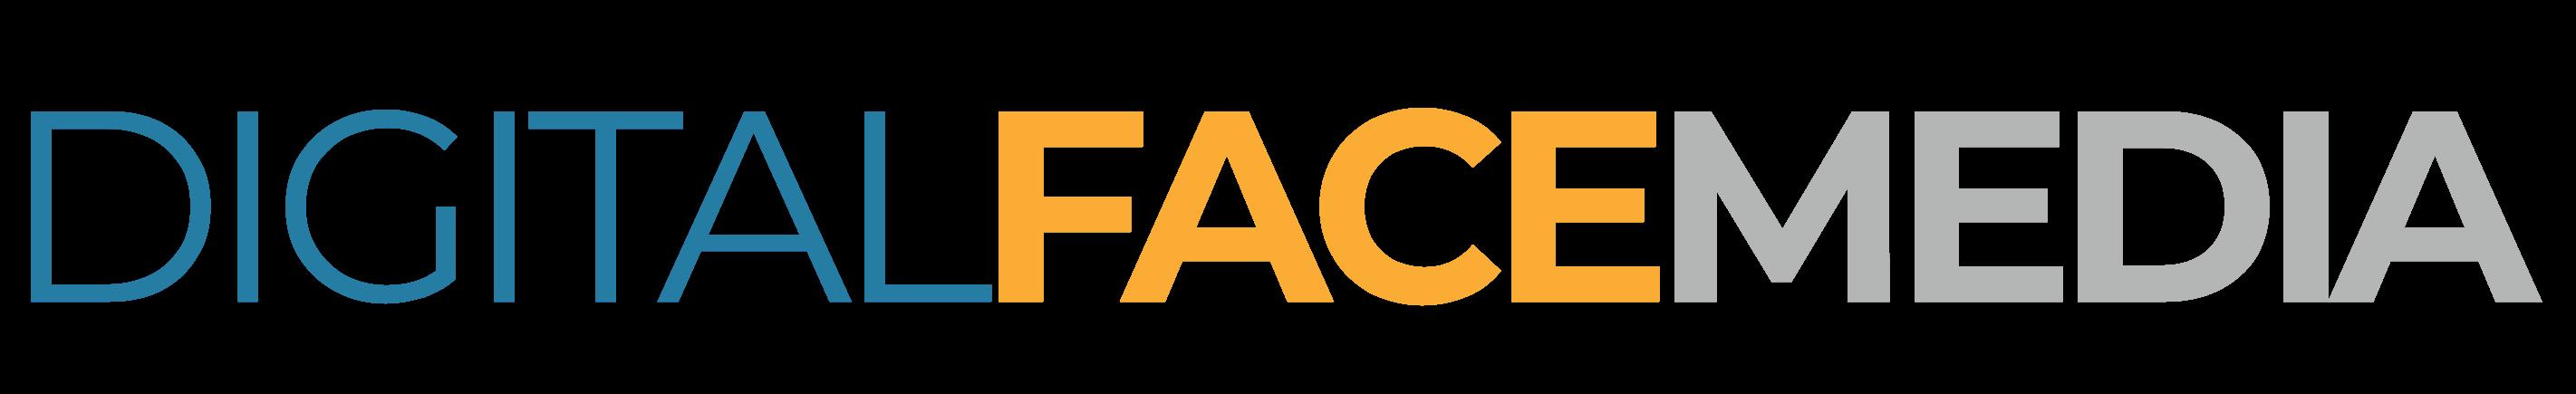 Digital Face Media